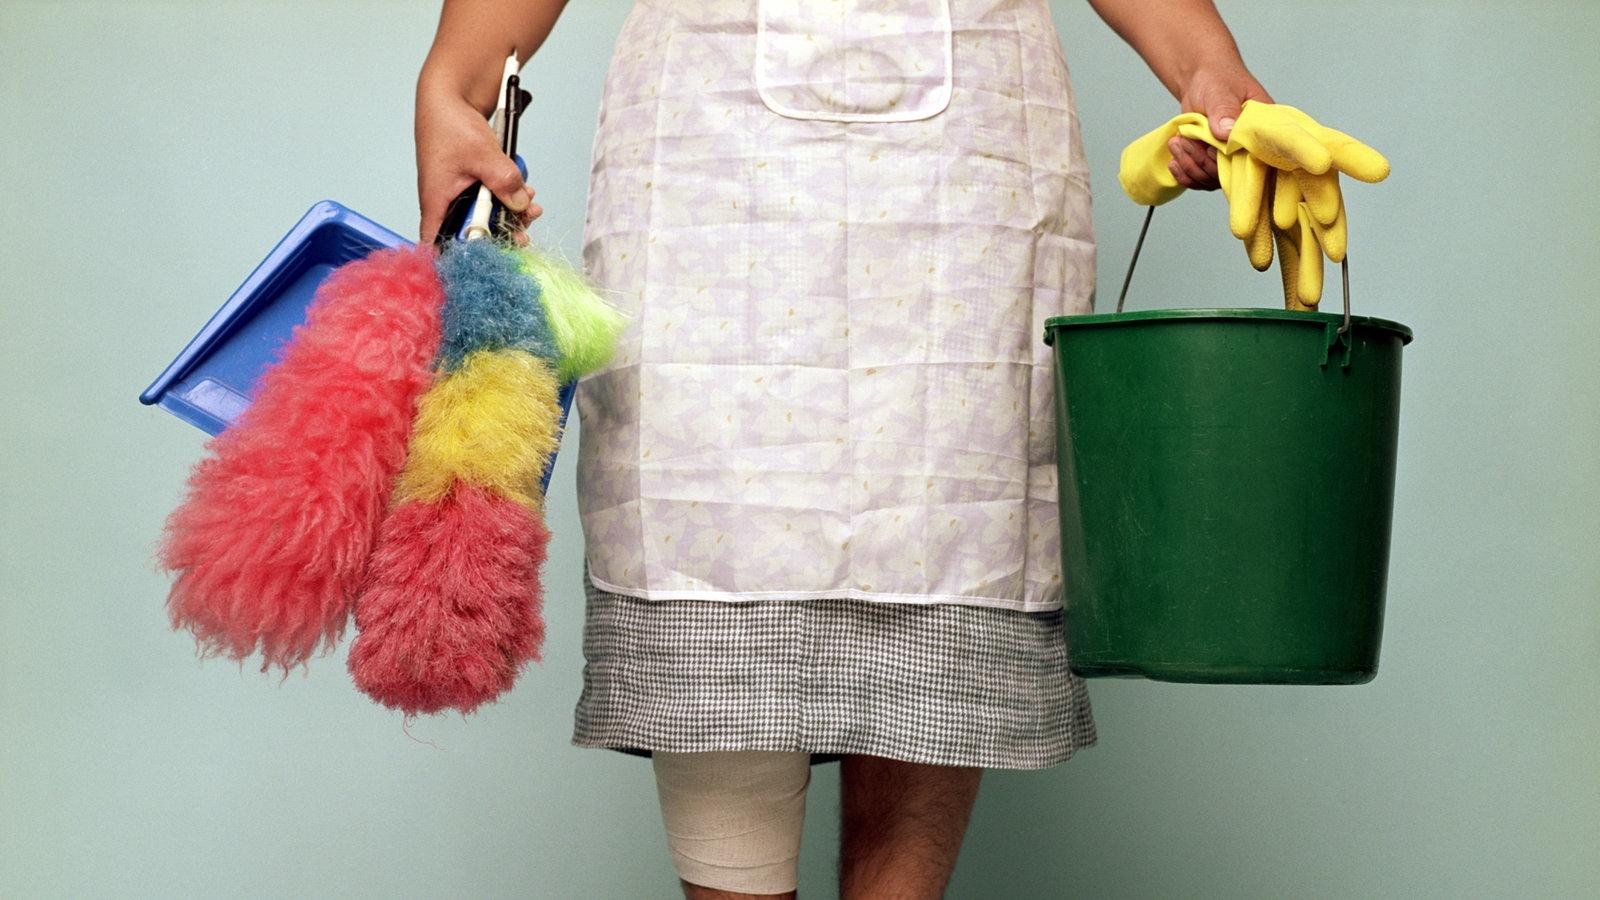 Hausfrau die Arbeit rund um Haus nackt